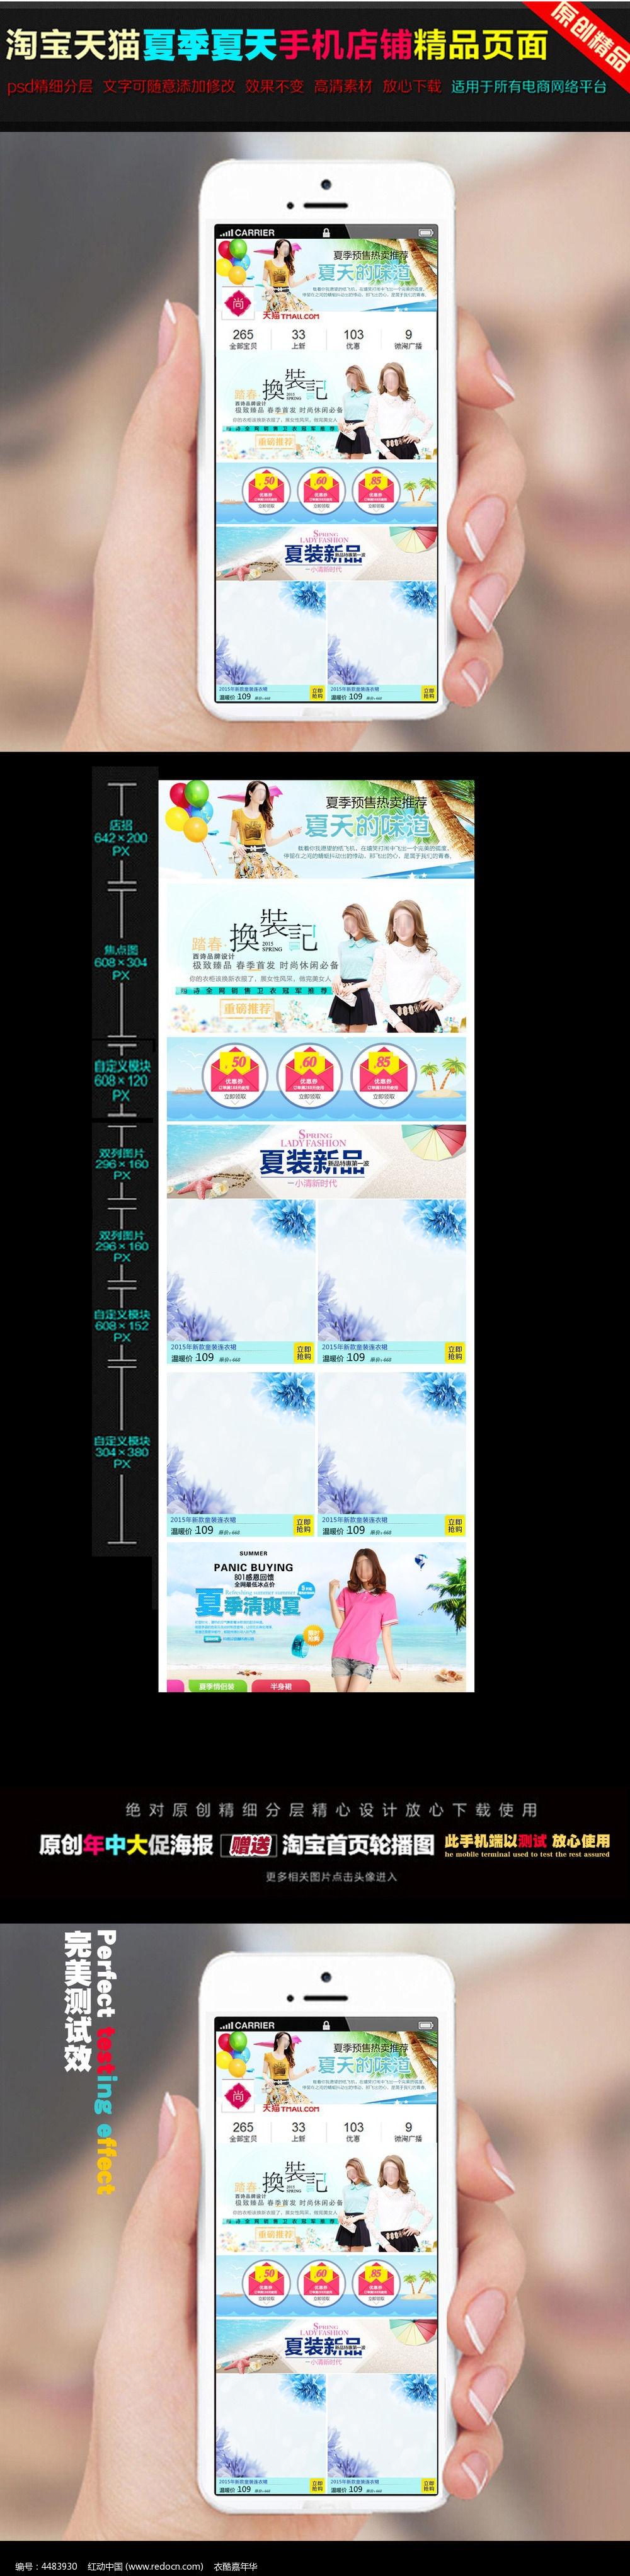 淘宝夏季女装手机端首页模板psd图片